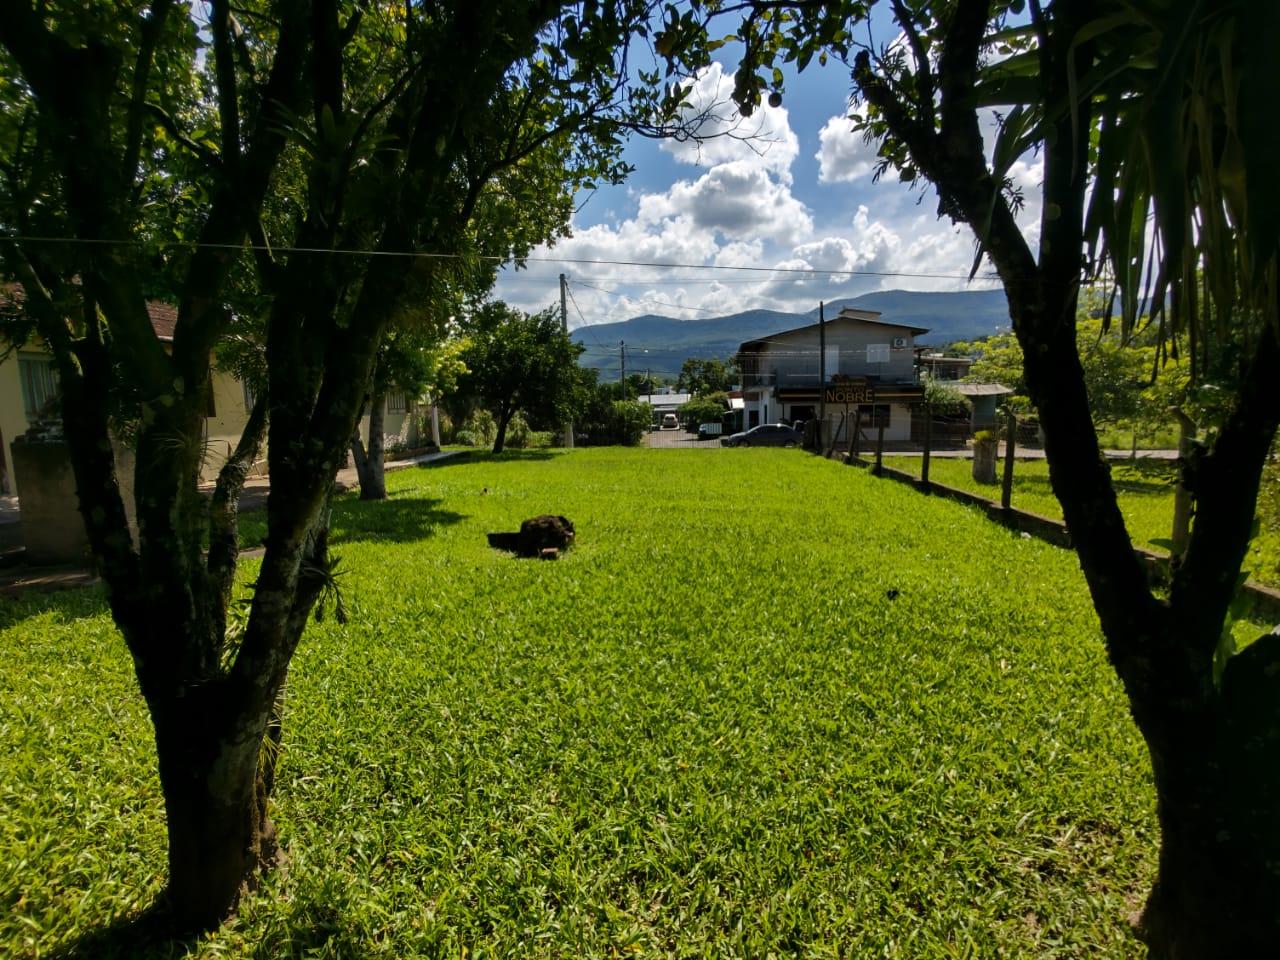 Fotos do imóvel Vendo Terreno de excelente localização - Sparrenberger Imóveis